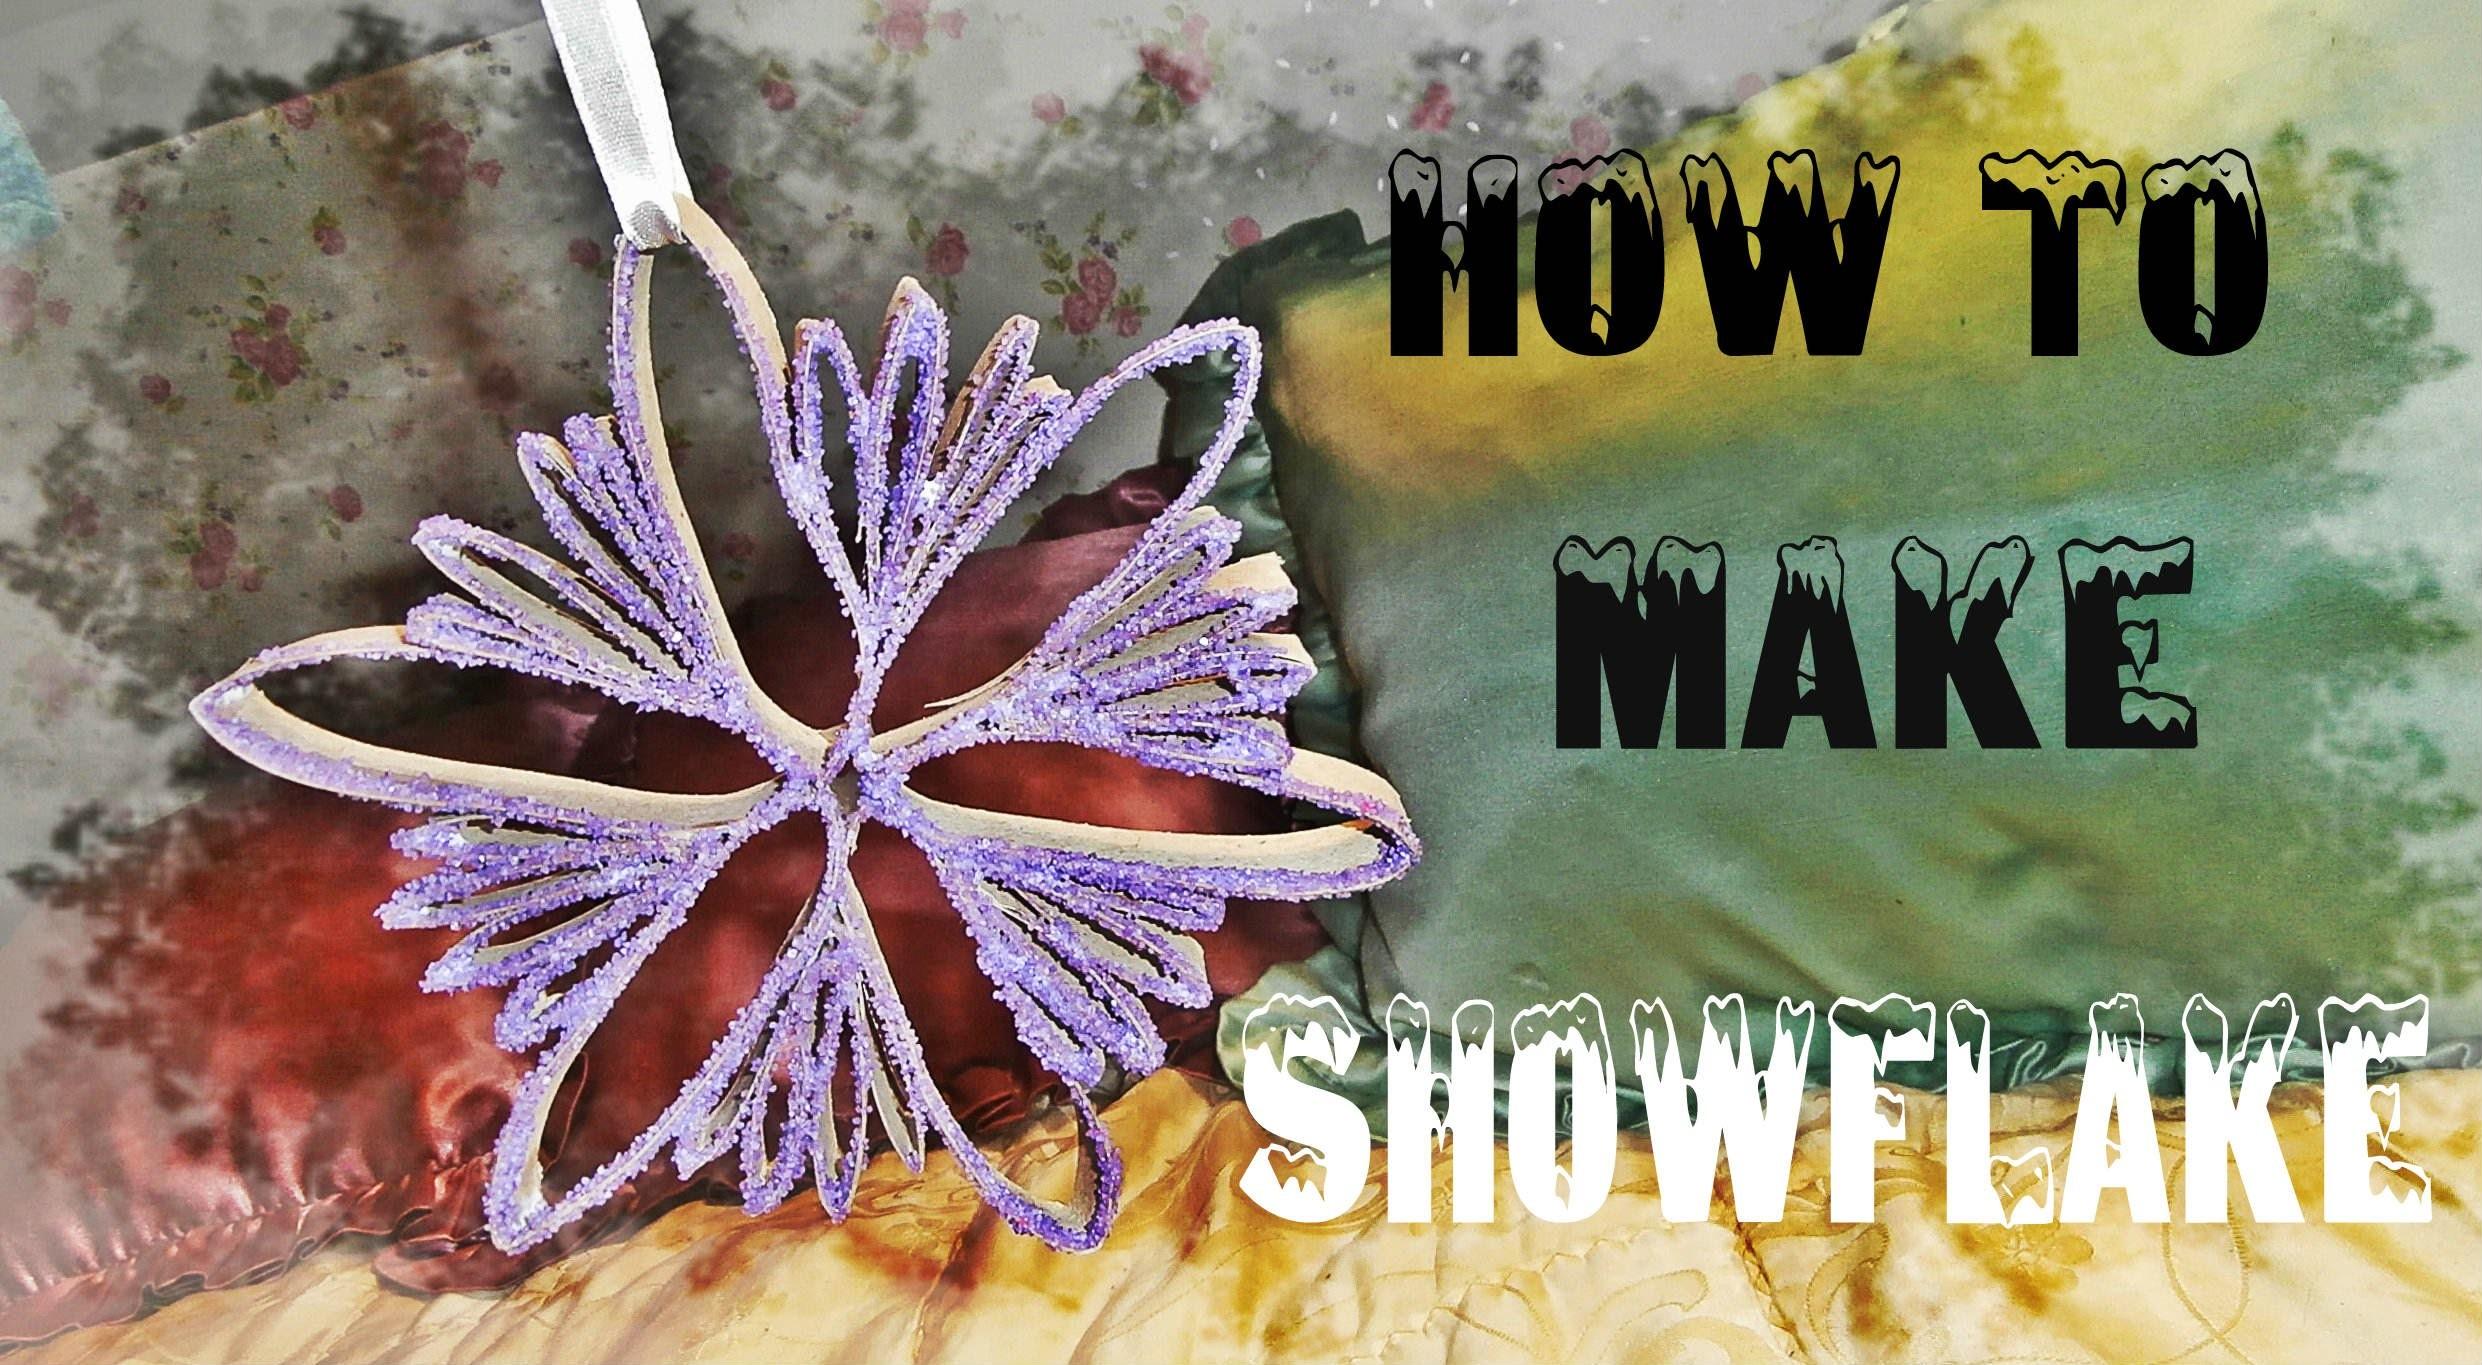 Novogodisnje dekoracije #6 Kako napraviti pahulju. DIY Snowflake. Copo de nieve